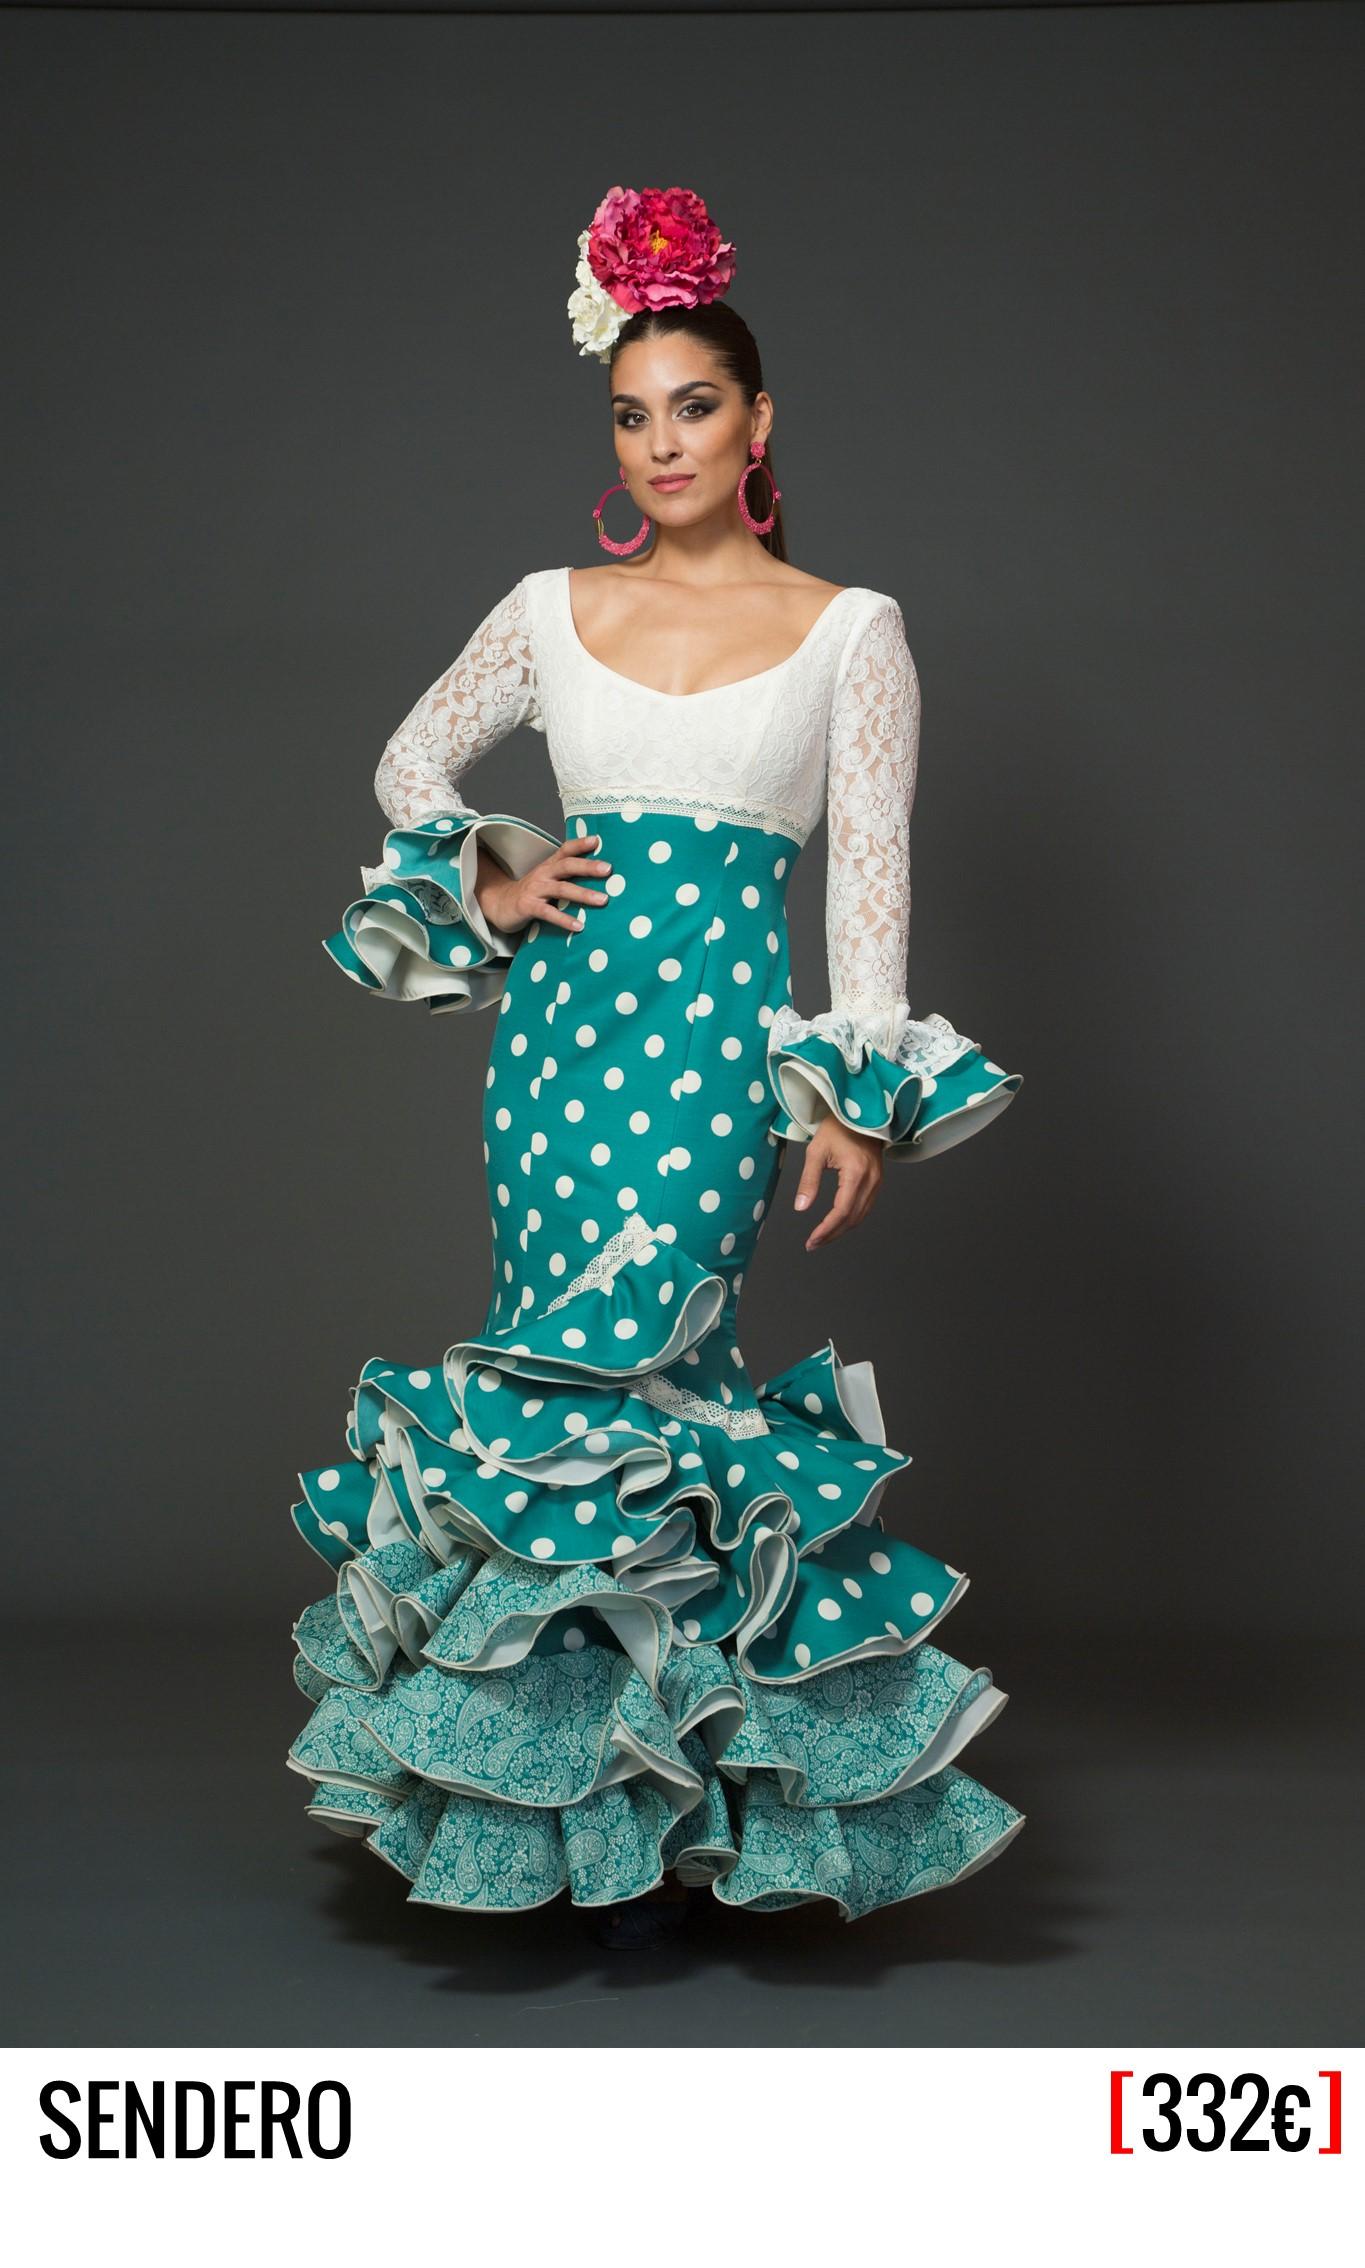 5a68059f8 Traje de Flamenca - Mod. Sendero - Aires de Feria, trajes de flamenca